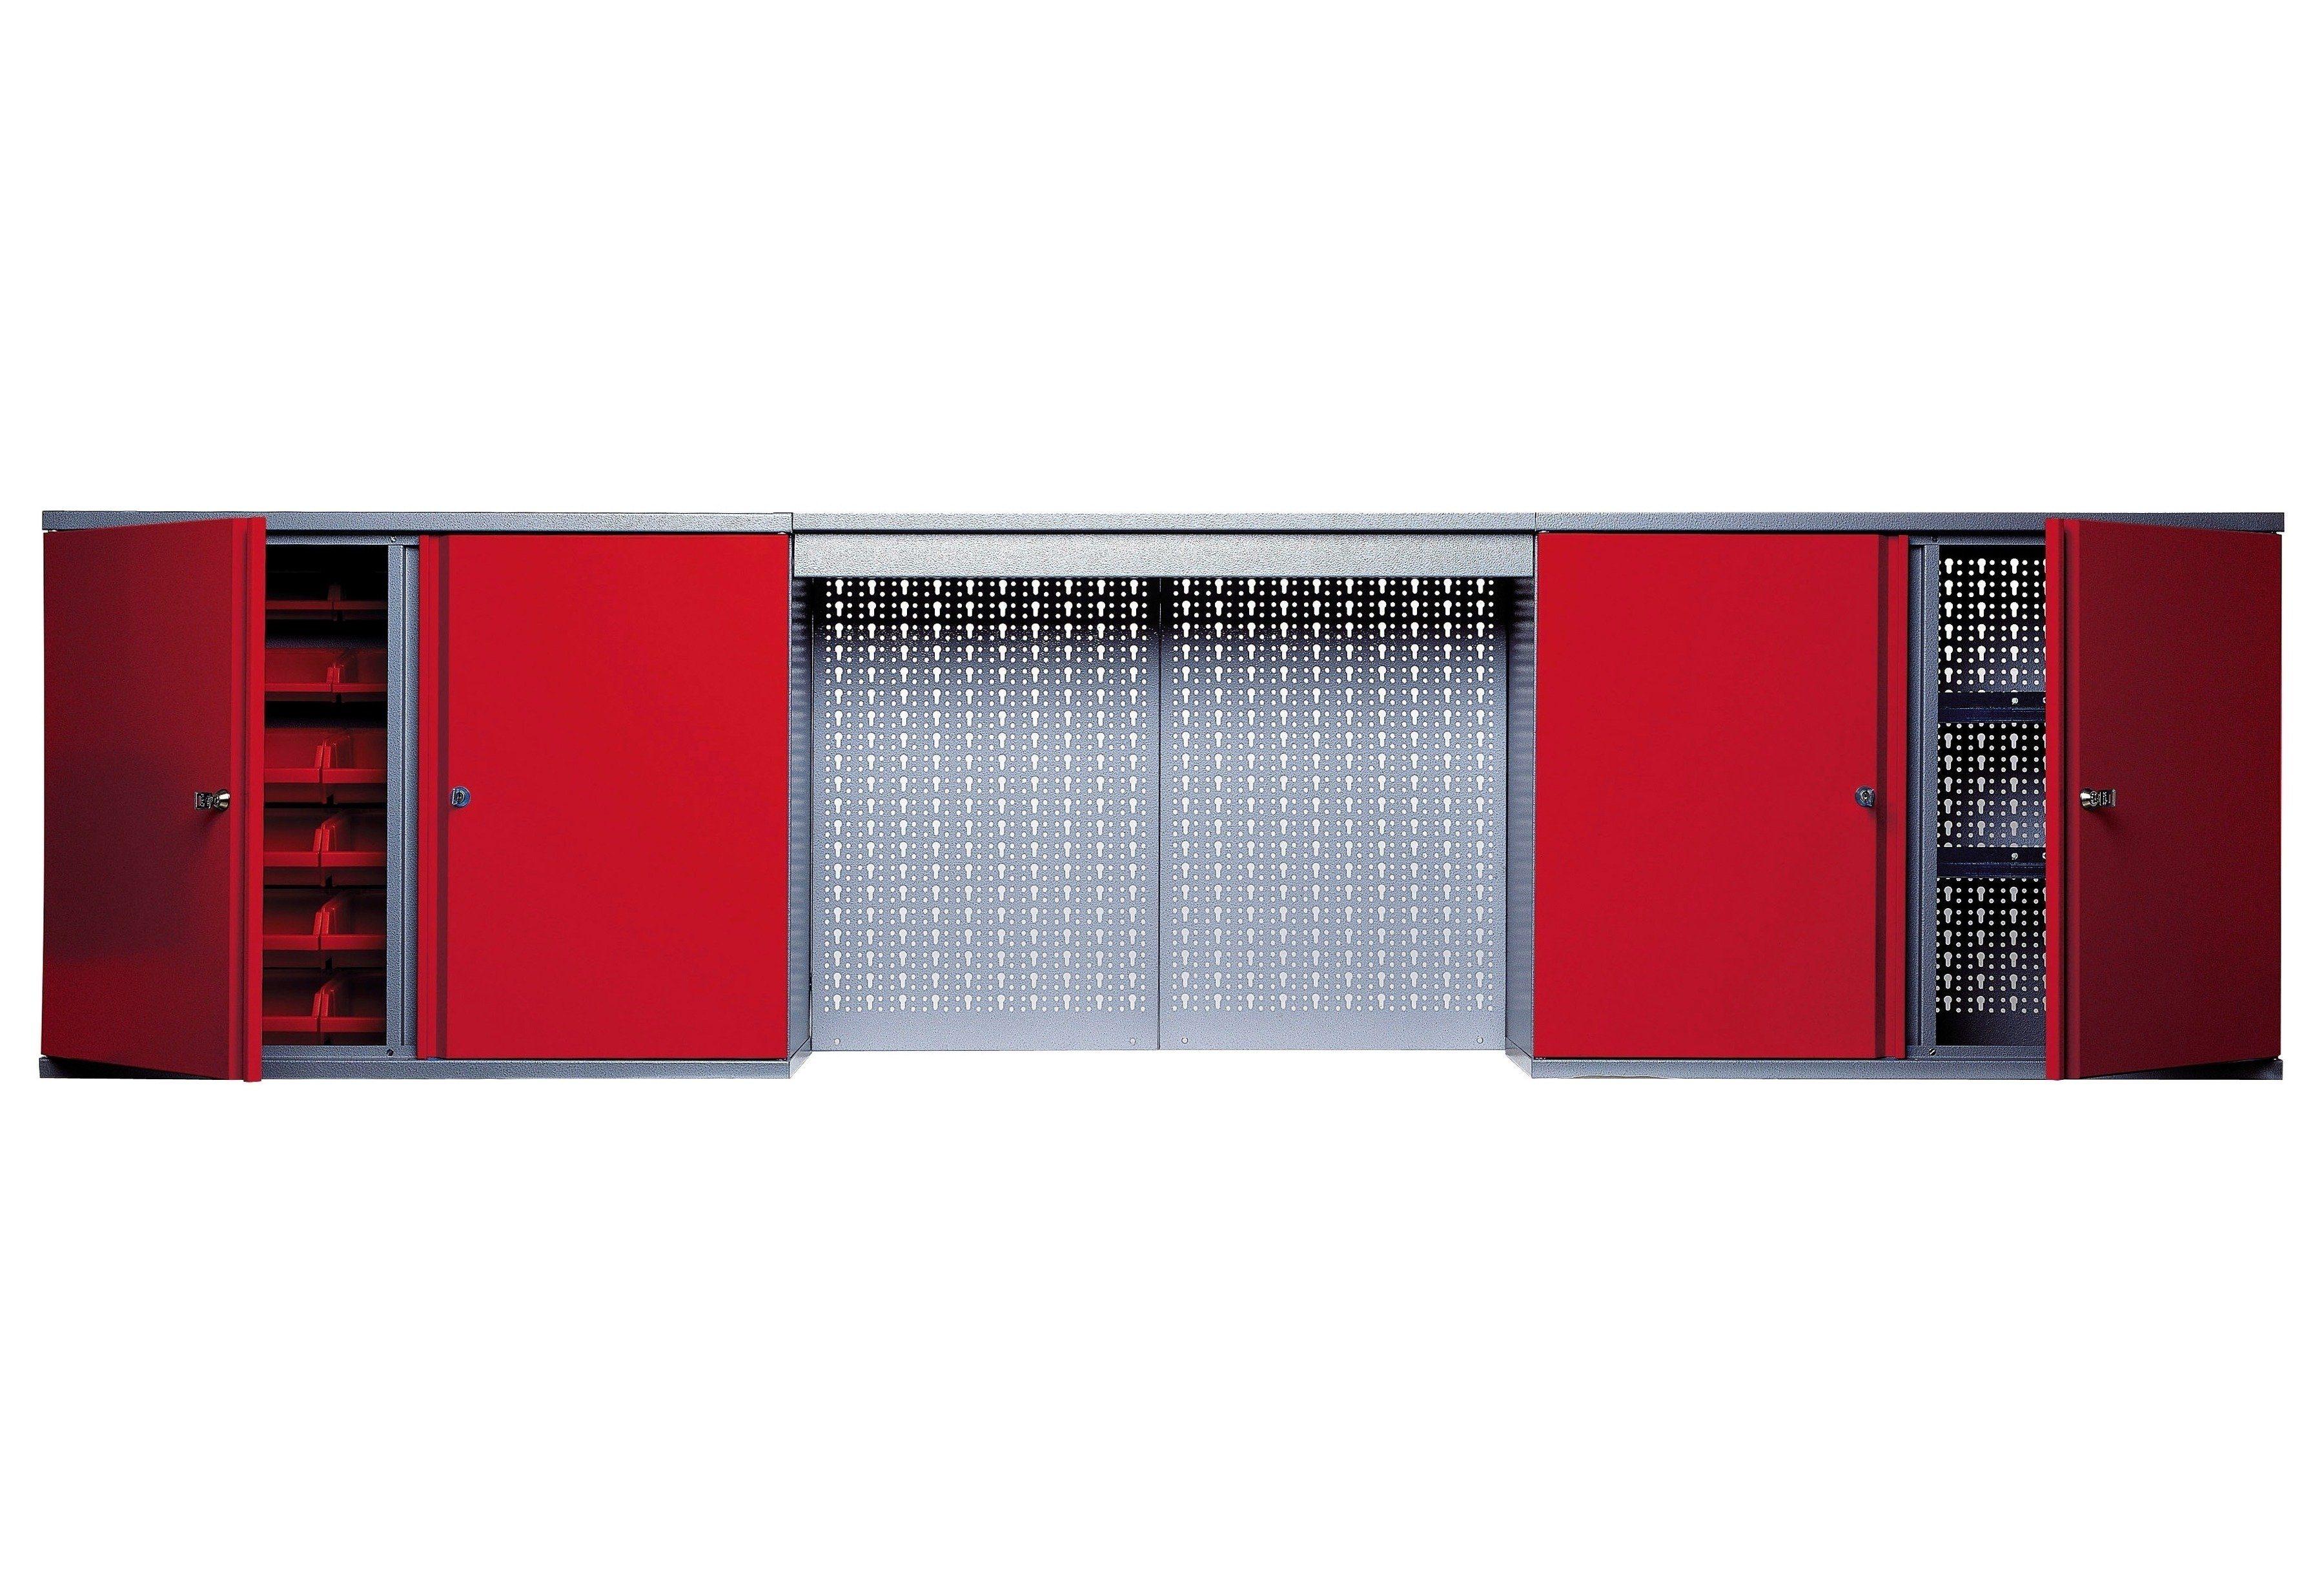 Küpper Hängeschrank »mit Lichtblende, 4 Türen, 4 Einlegeböden, 36 Sichtboxen, in rot«